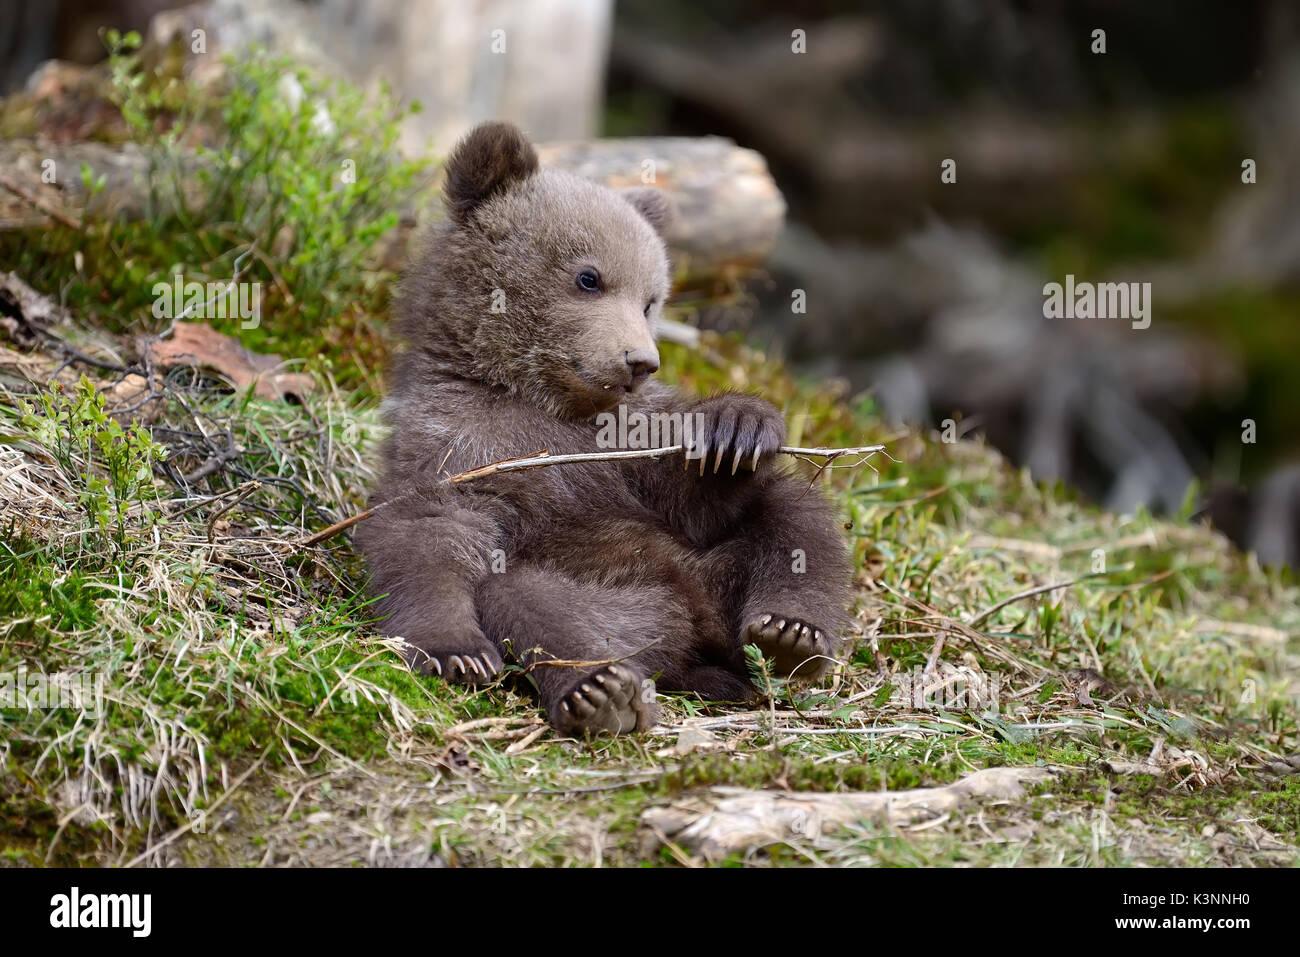 Joven oso pardo en el bosque. Retrato de oso pardo. Animales en el hábitat natural. Cub de oso pardo sin madre. Imagen De Stock